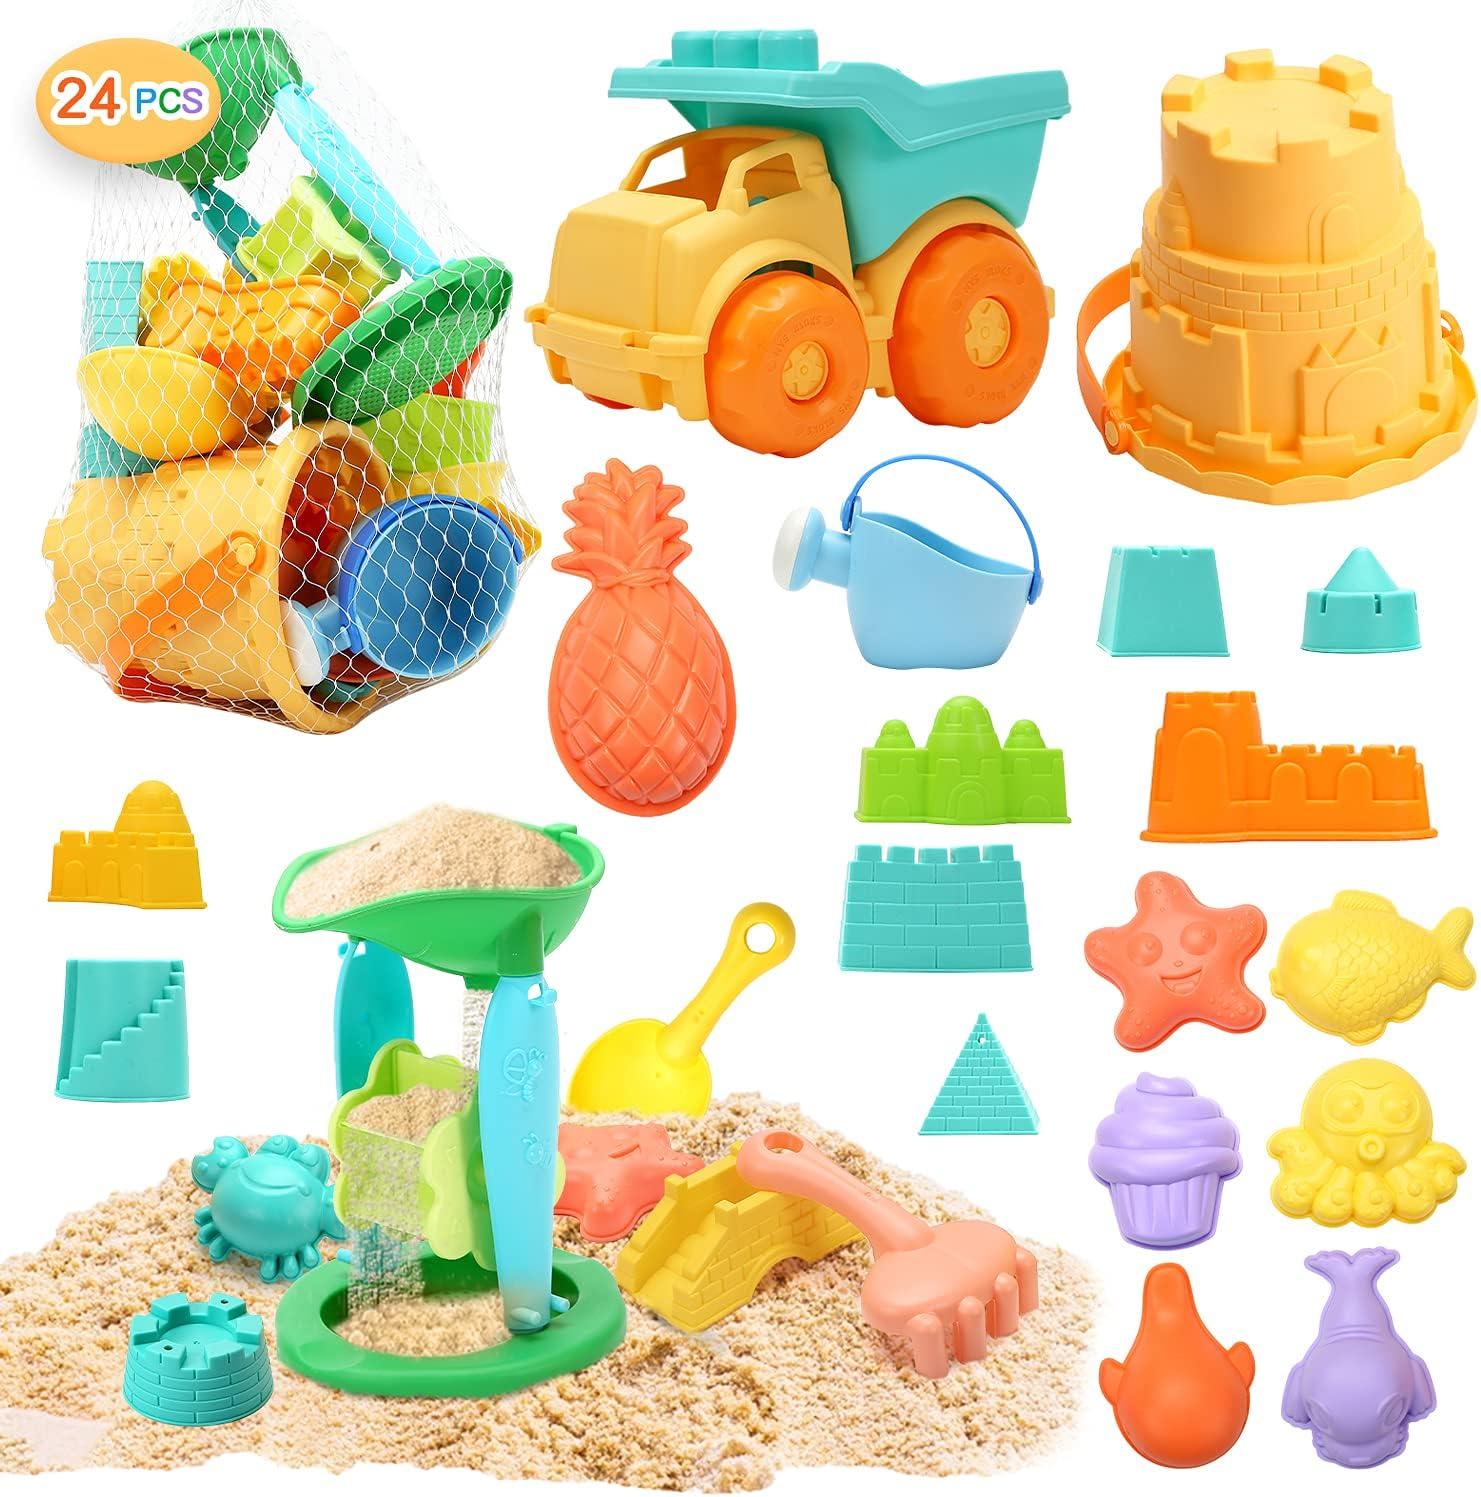 Manufacturer OFFicial shop CUTE STONE 24 Financial sales sale PCS Beach Sand with Sandbox Set Tru Dump Toys